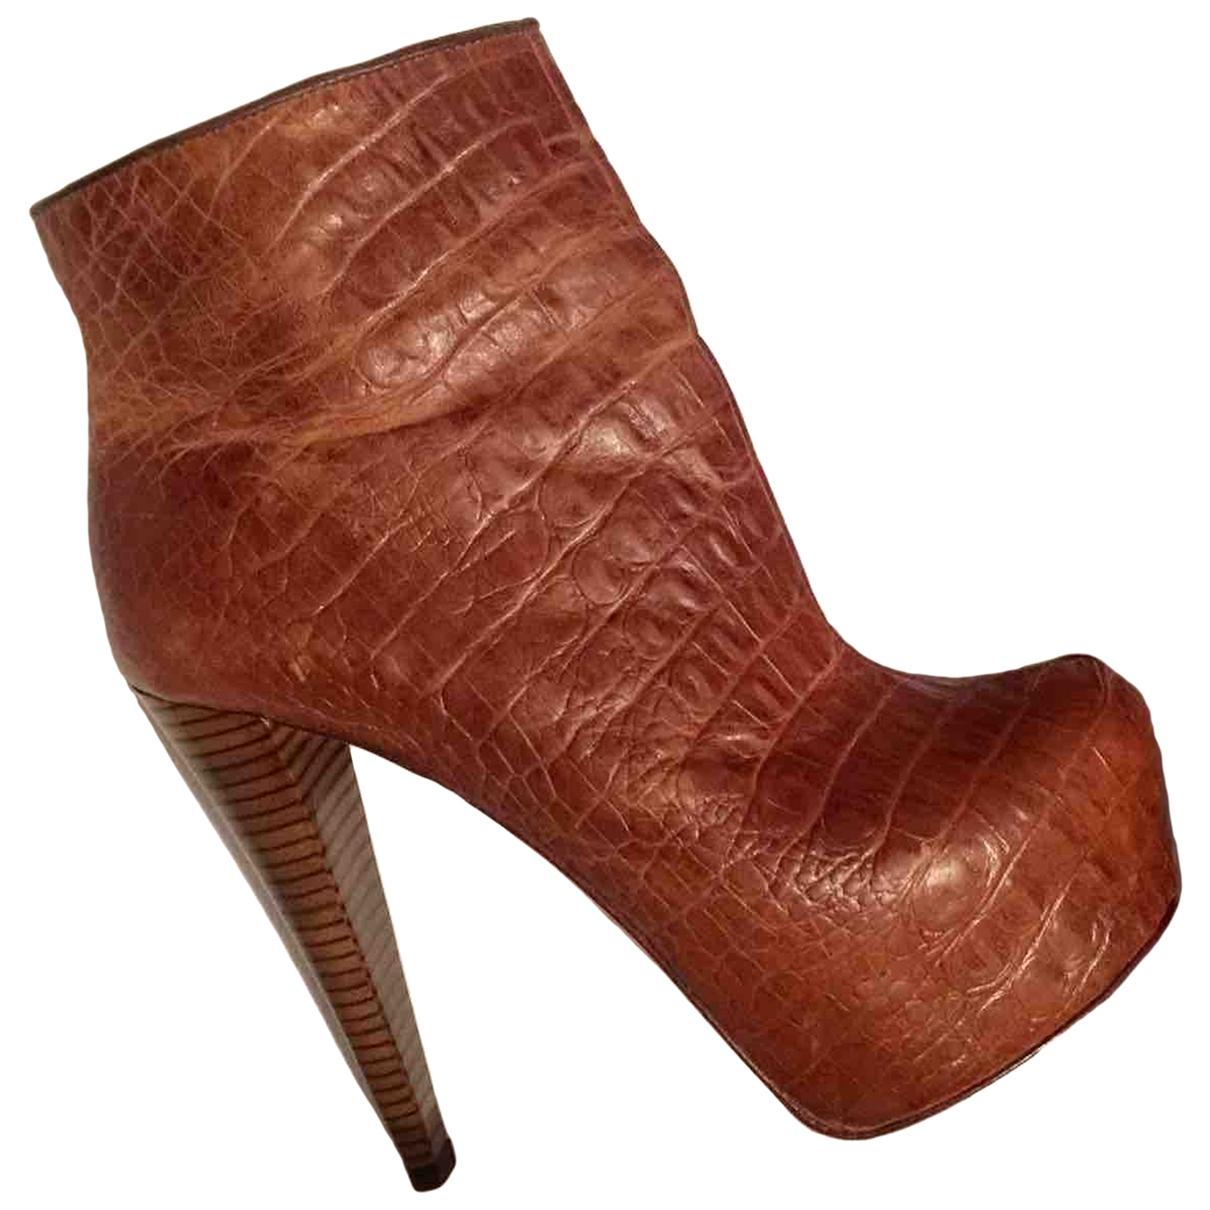 Alice & Olivia - Bottes   pour femme en cuir exotique - marron